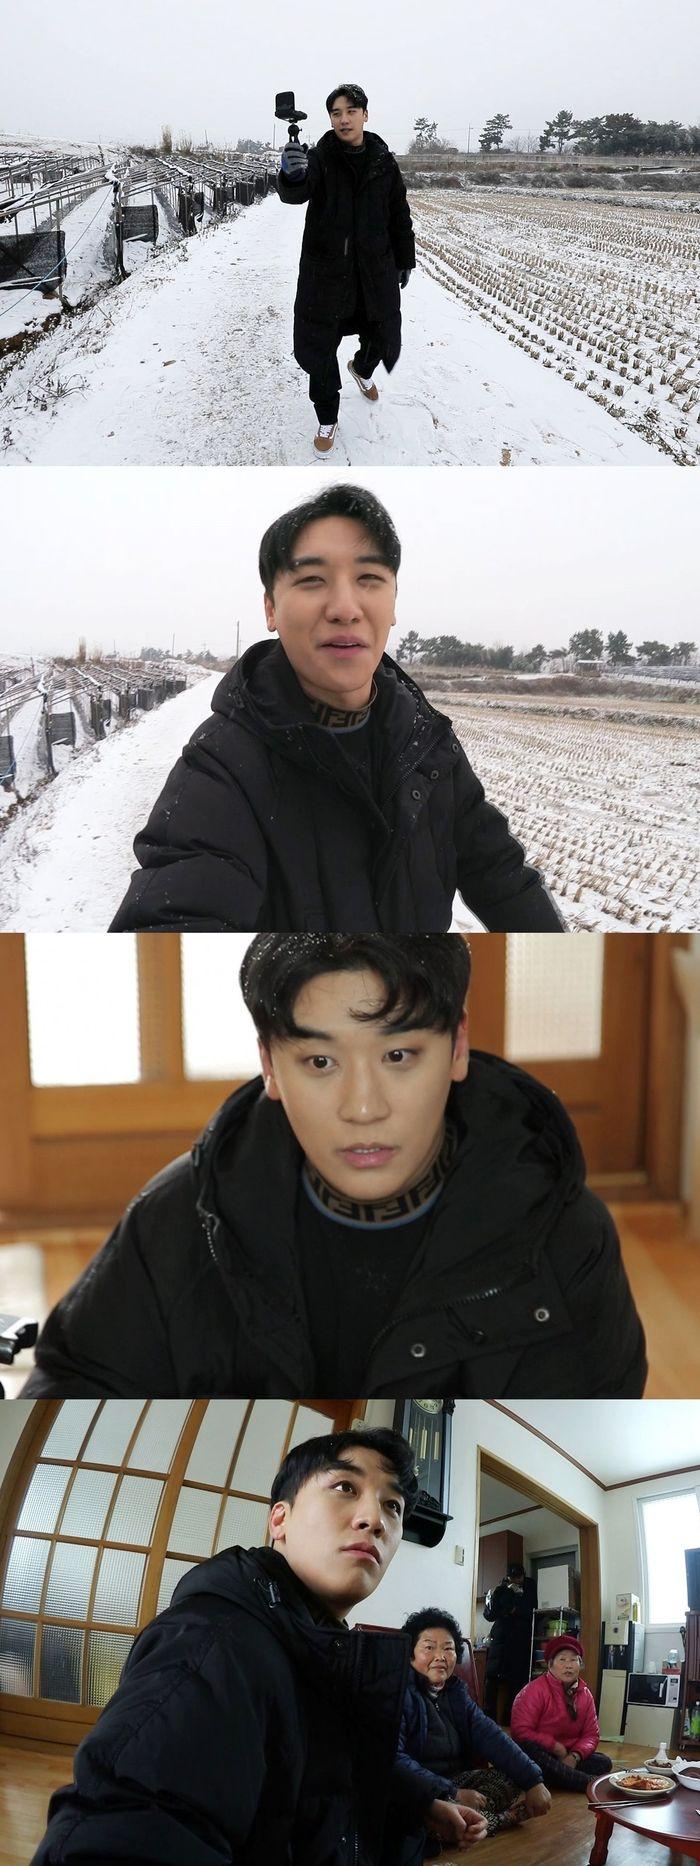 """승리, '가로채널' 채널 오픈…함박눈 맞으며 """"우리 형들 춥겠다"""" 빅뱅 걱정"""